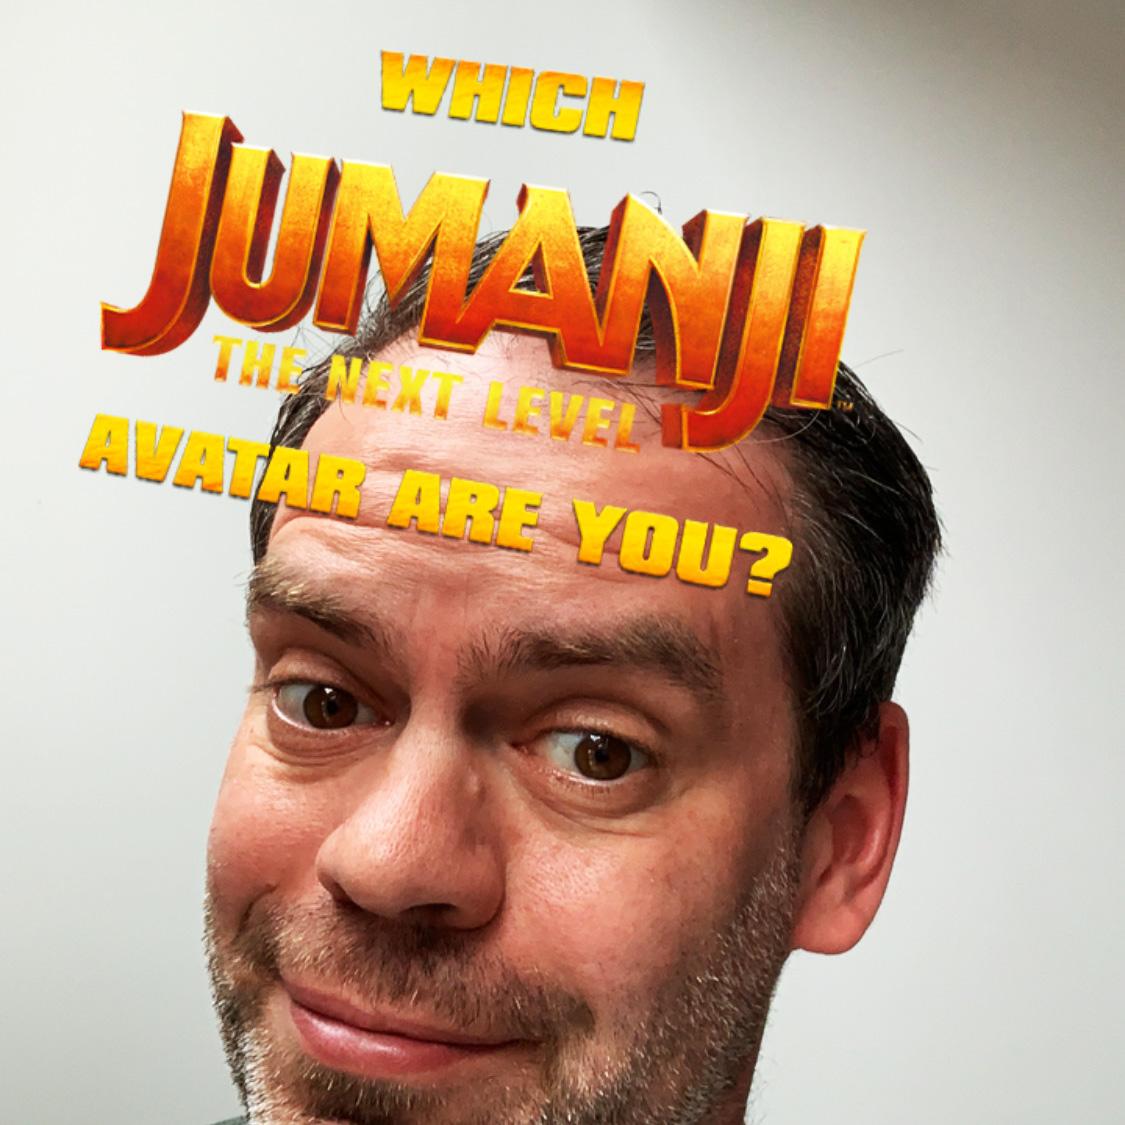 Jumanji, John Adams blogger